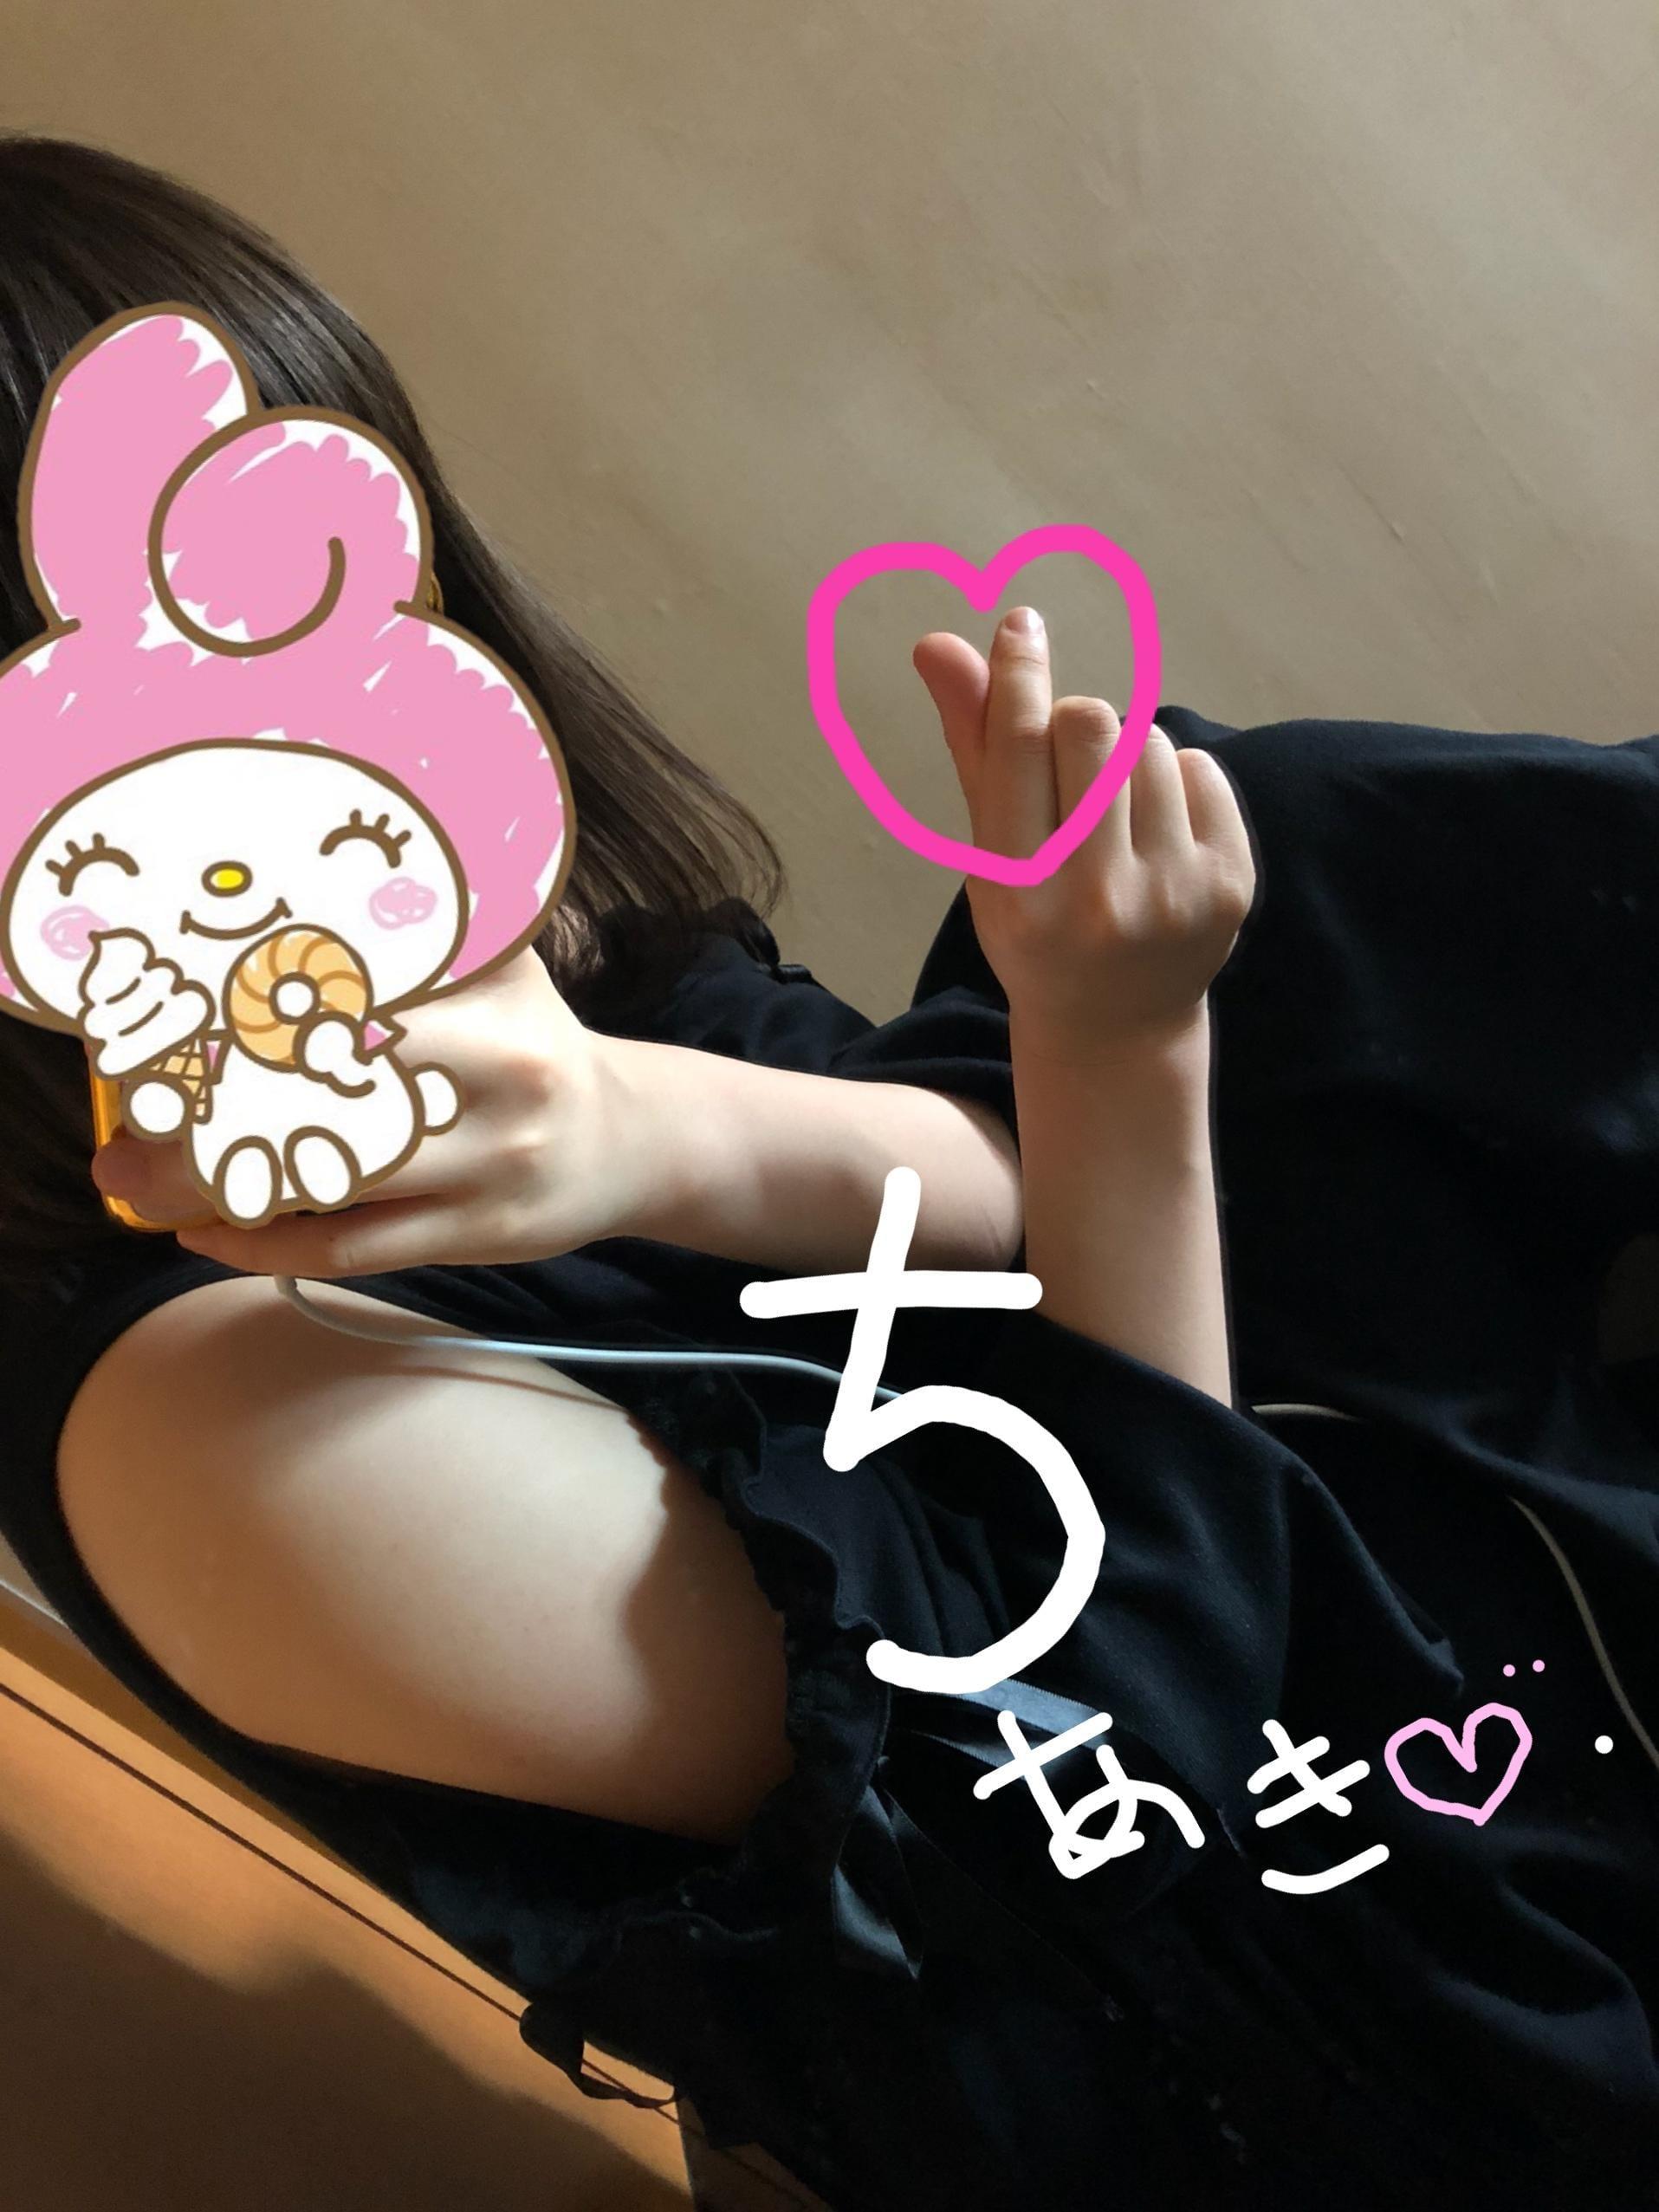 チアキ「♡出勤♡」05/23(水) 17:56 | チアキの写メ・風俗動画